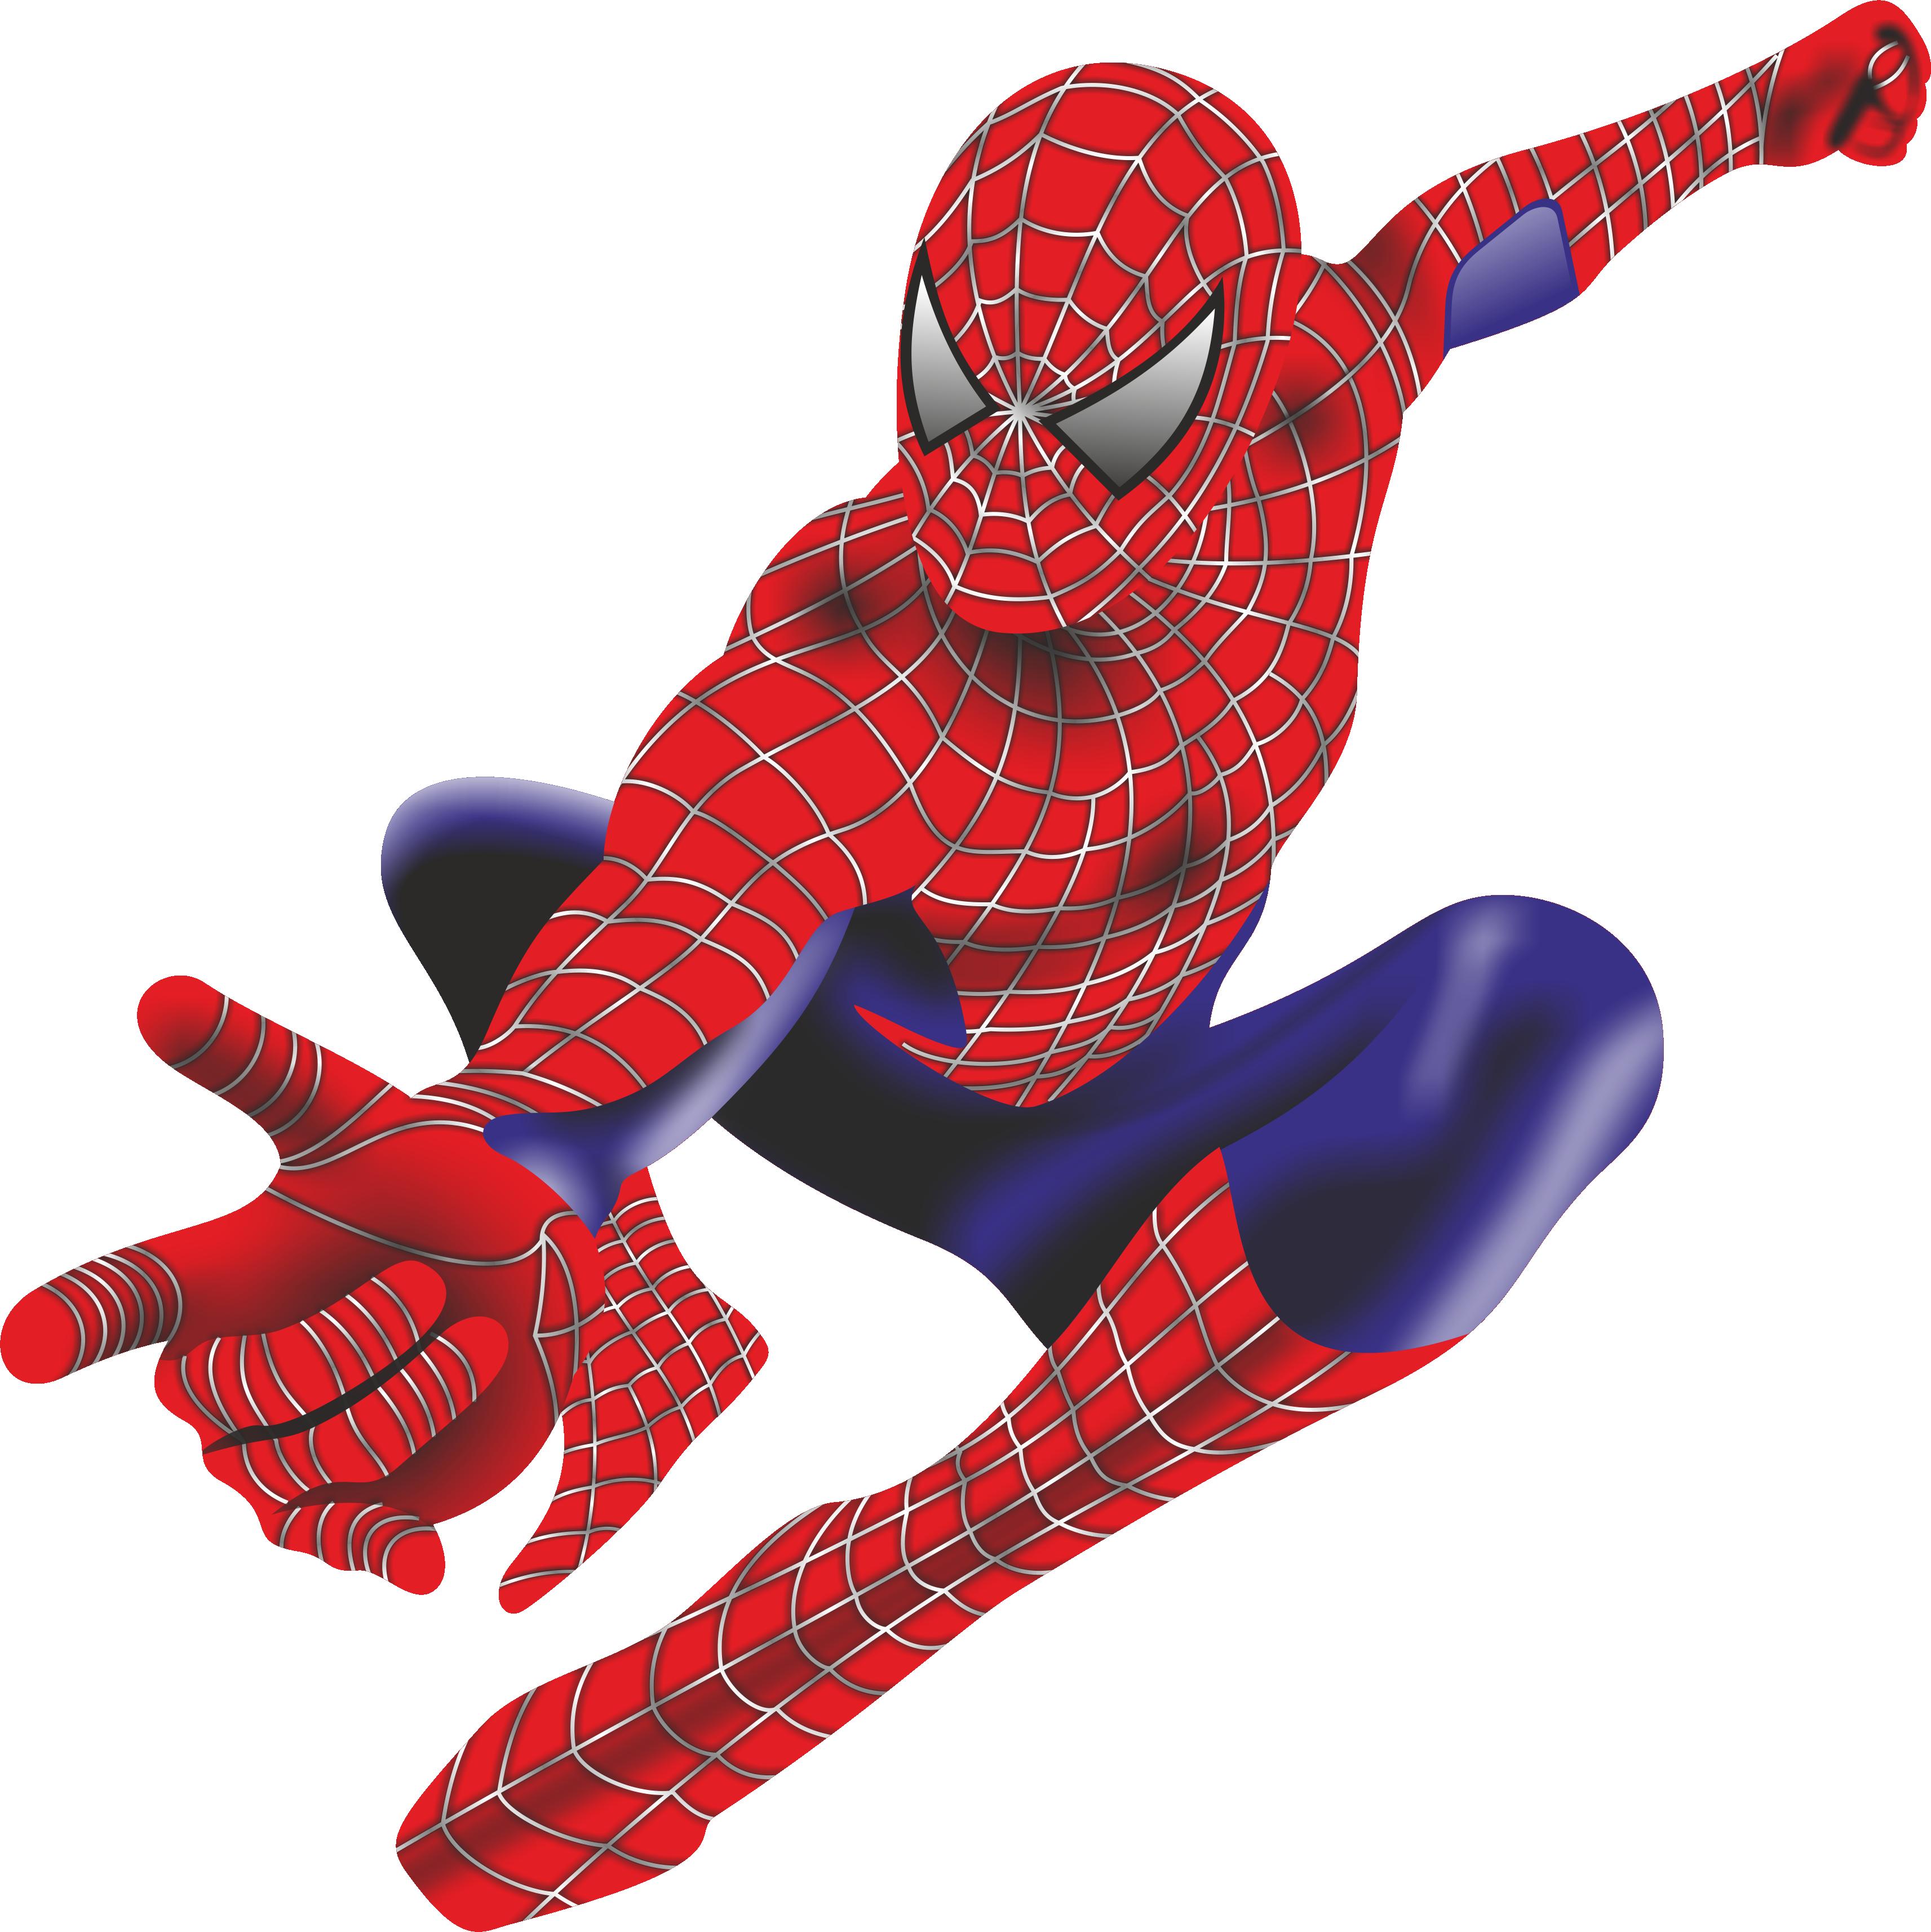 ножницами человек паук со шляпой и фартуком картинки мульт того